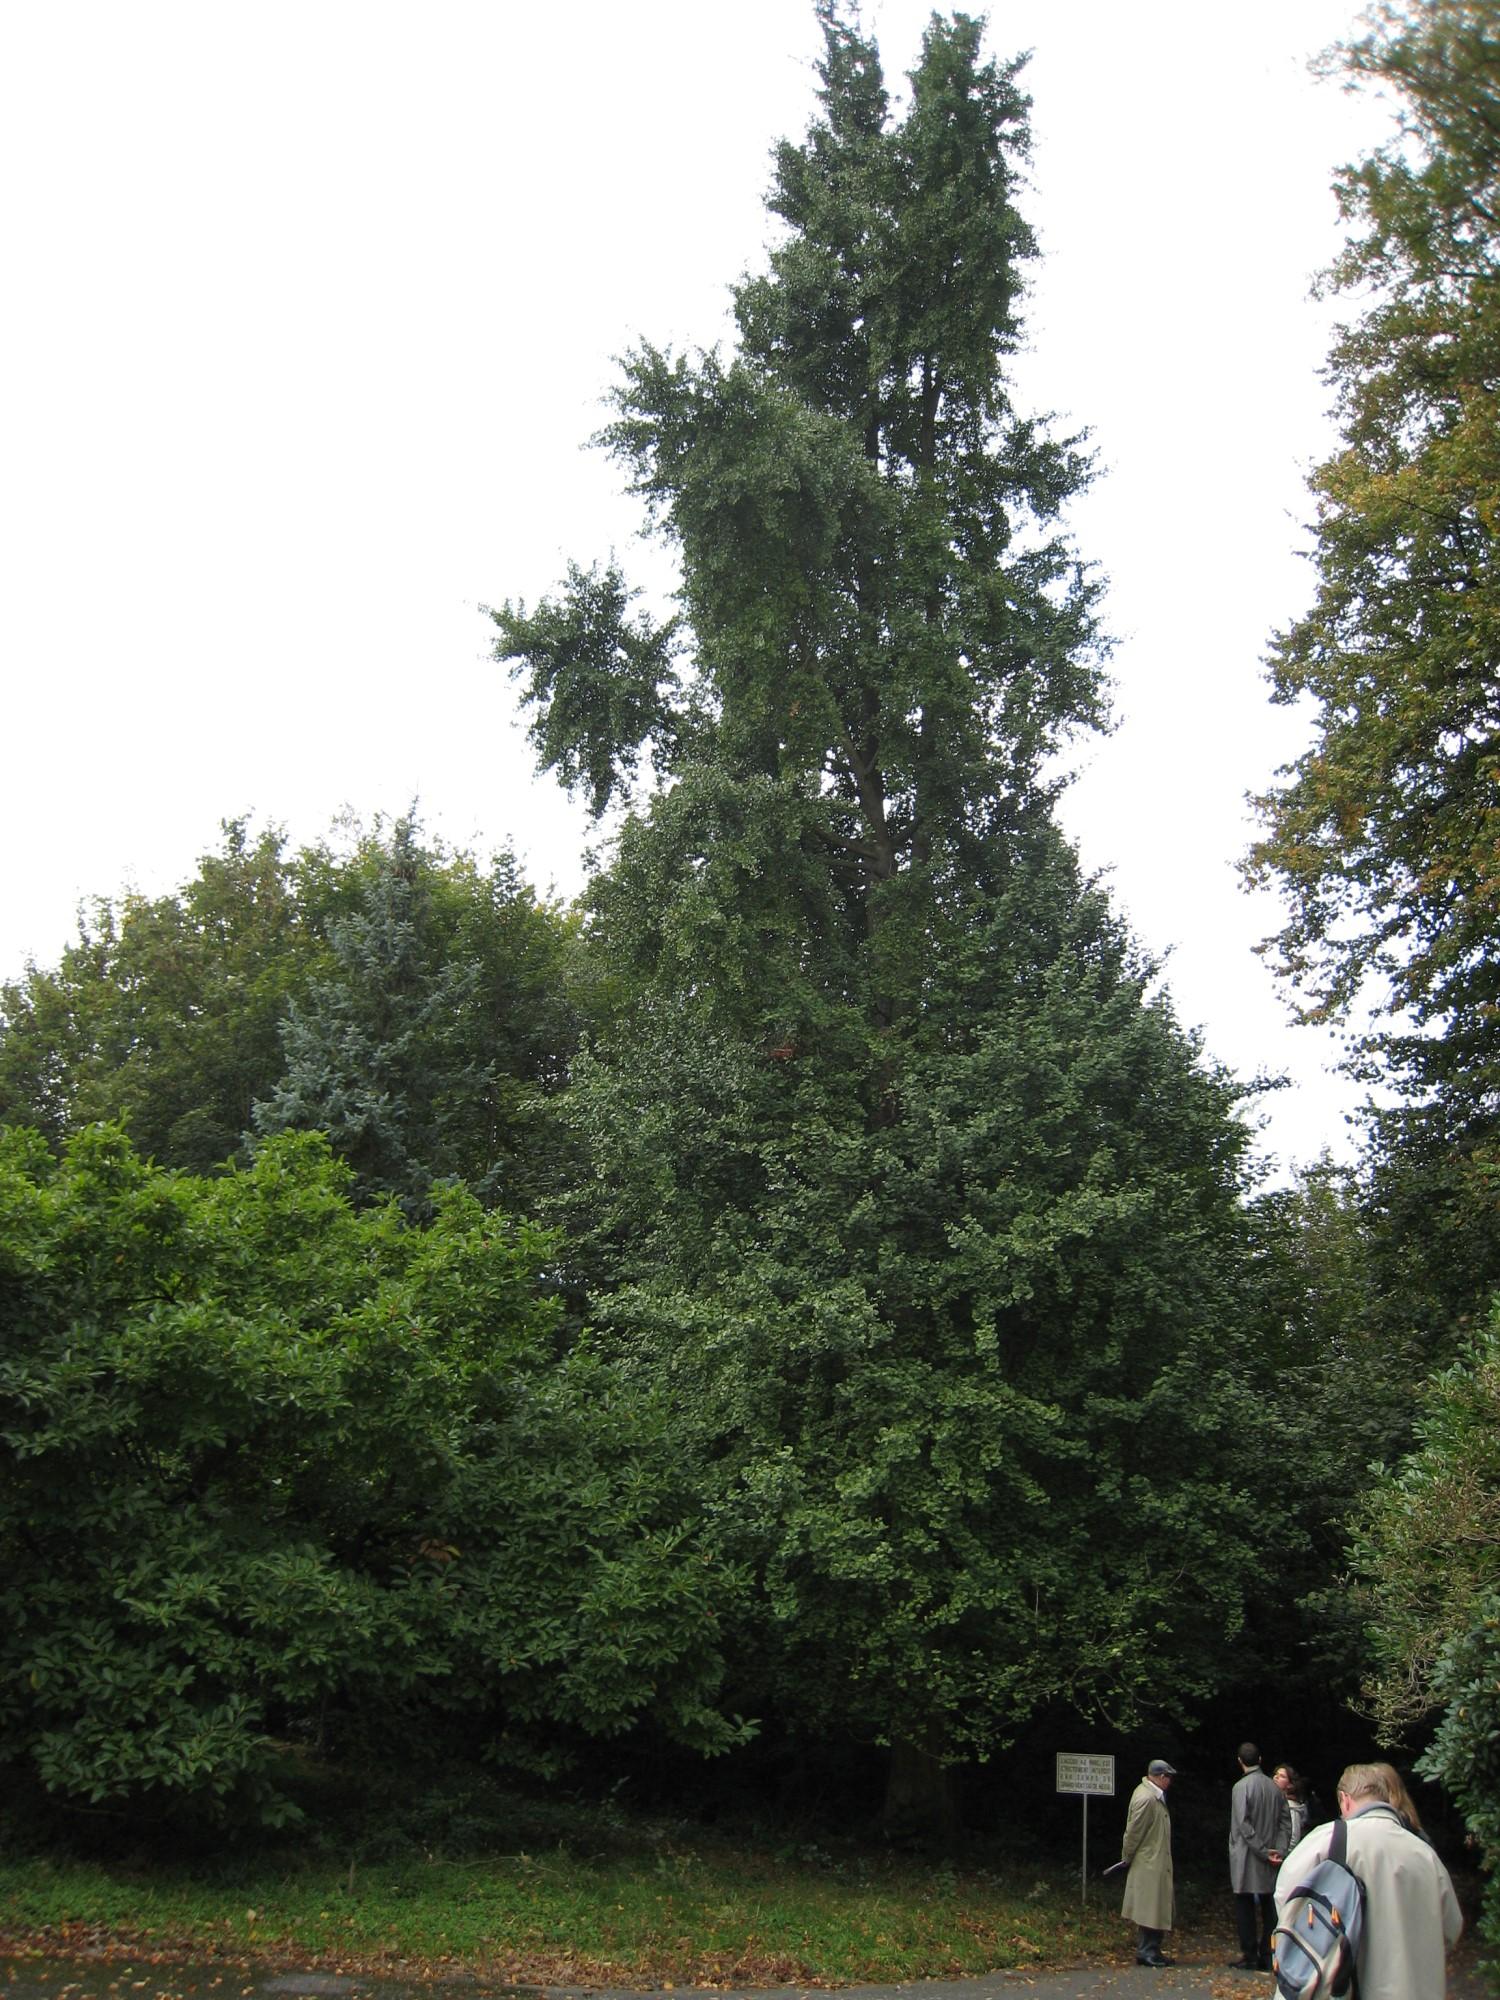 Arbre aux quarante écus – Woluwé-Saint-Pierre, Parc du Manoir d'Anjou, parc privé –  27 Septembre 2007